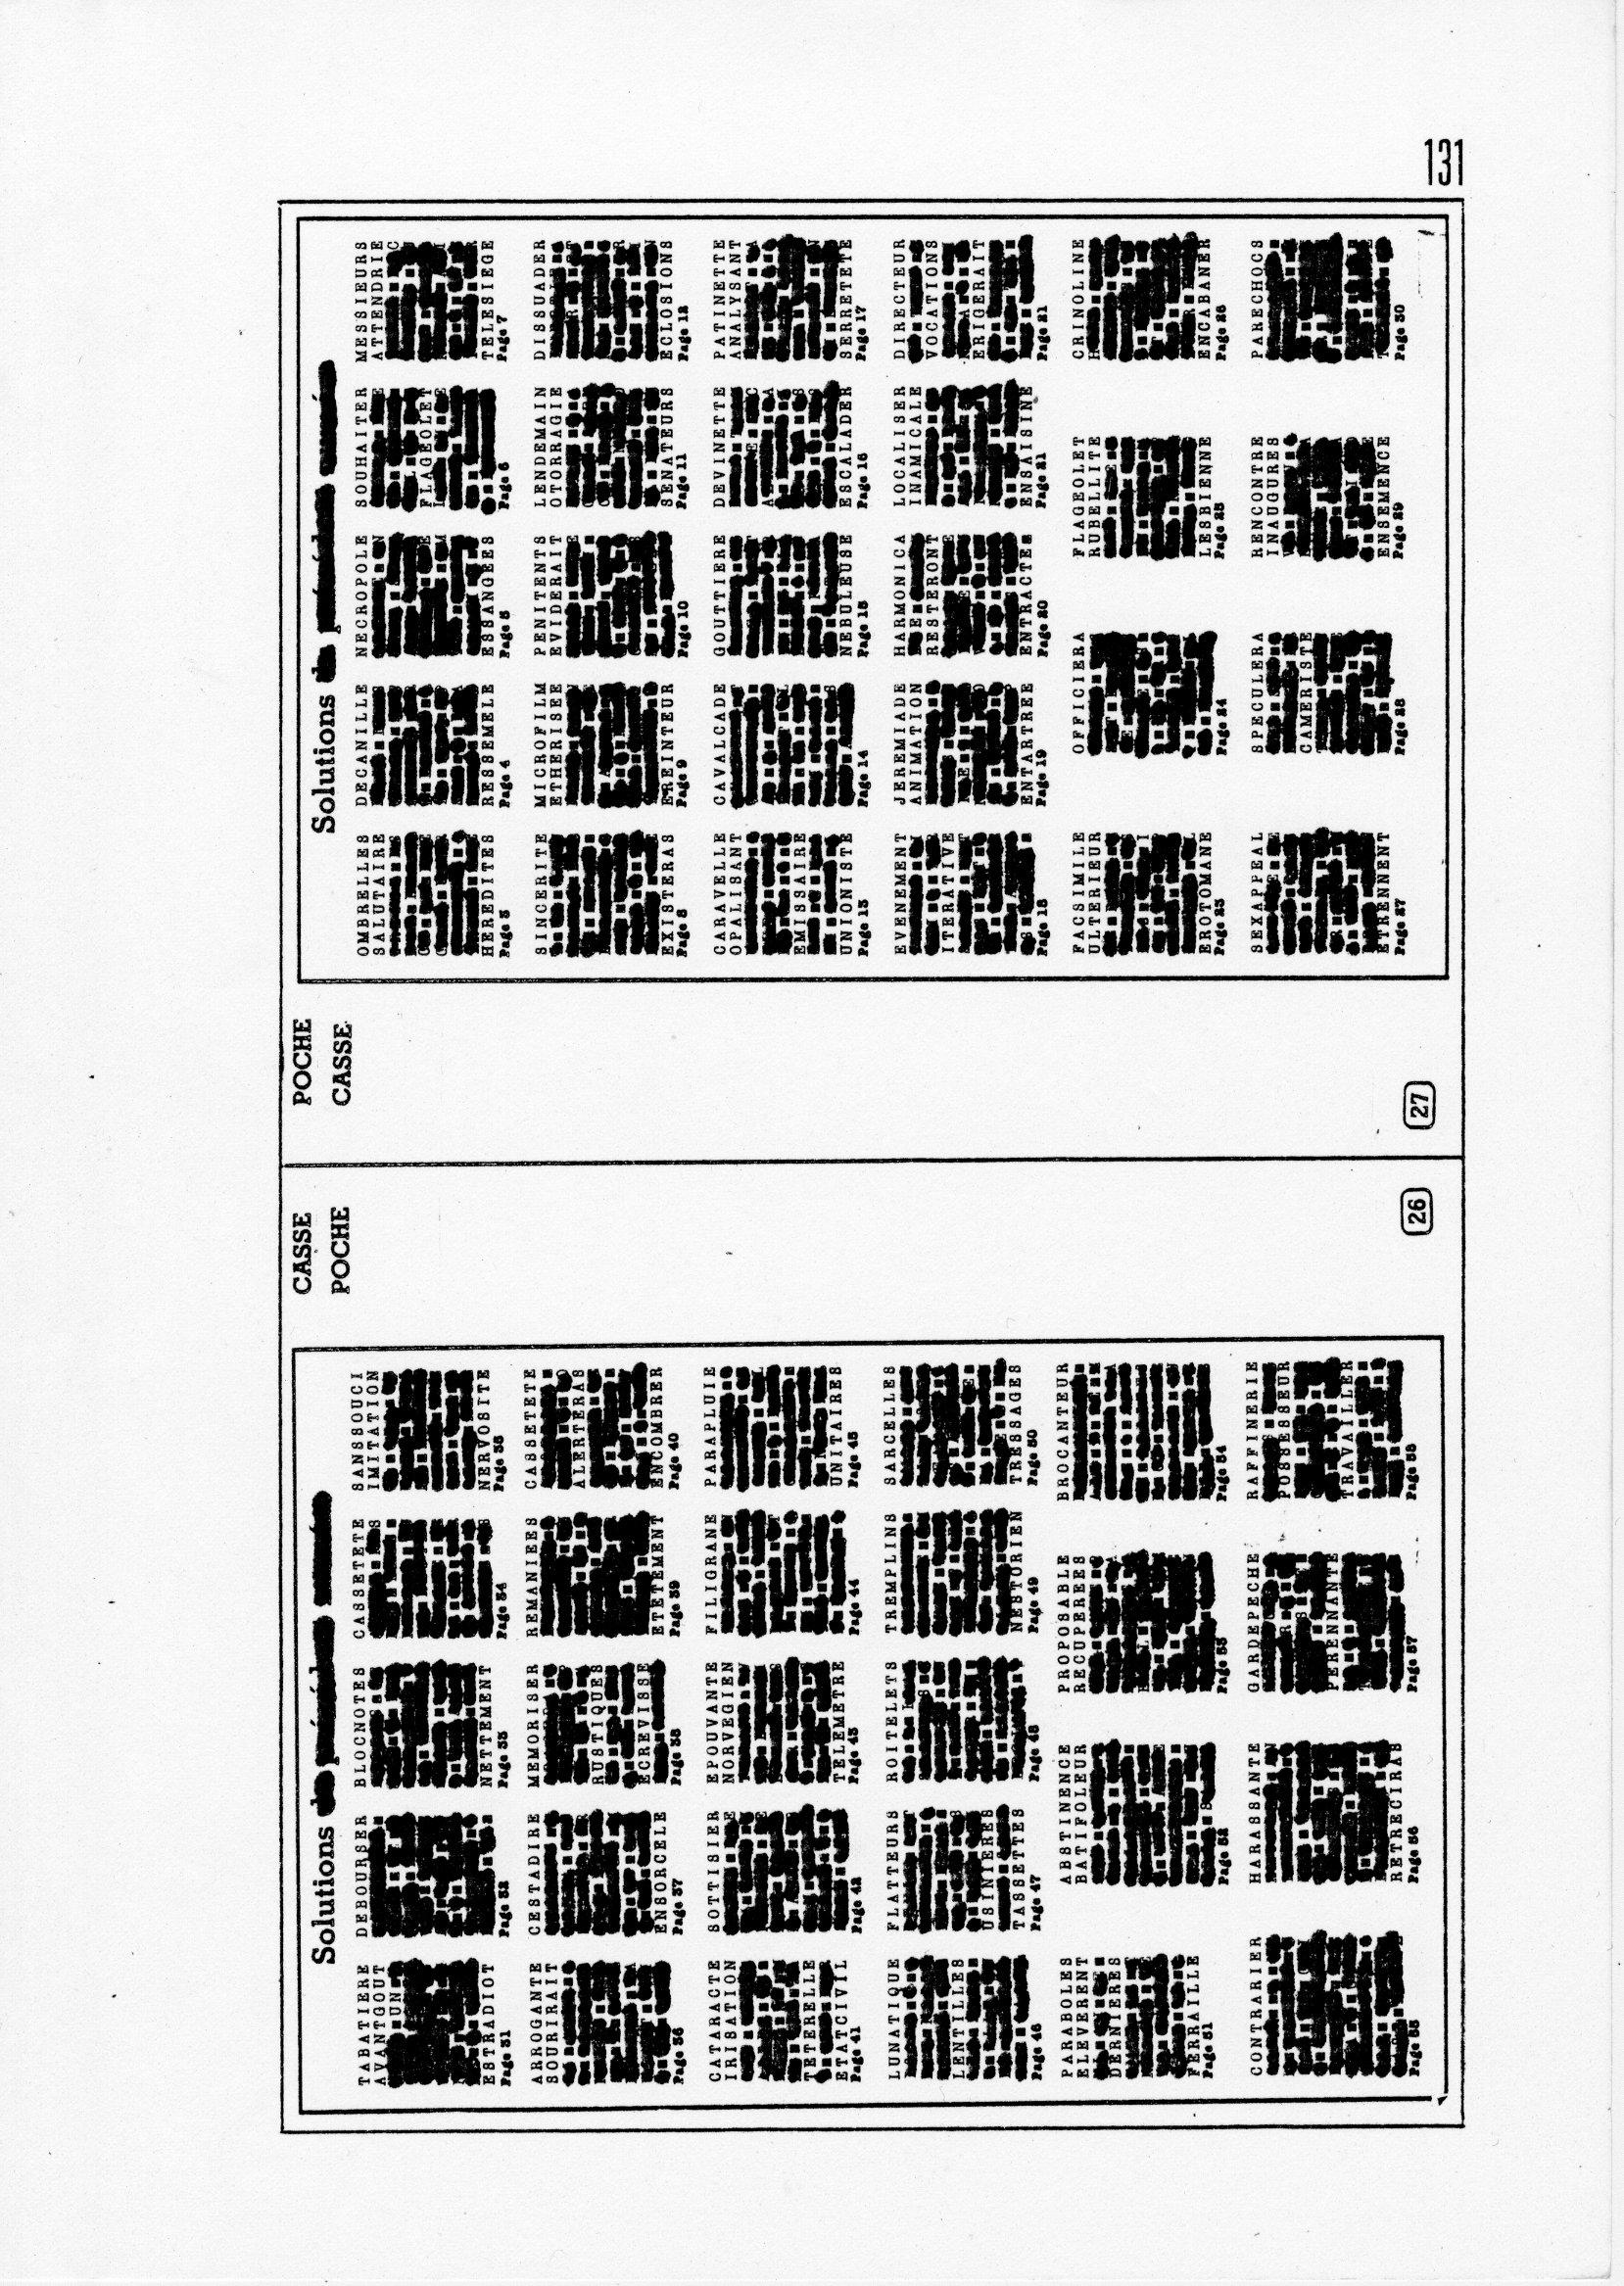 page 0131 L. Fournier CASSE POCHE-POCHE CASSE